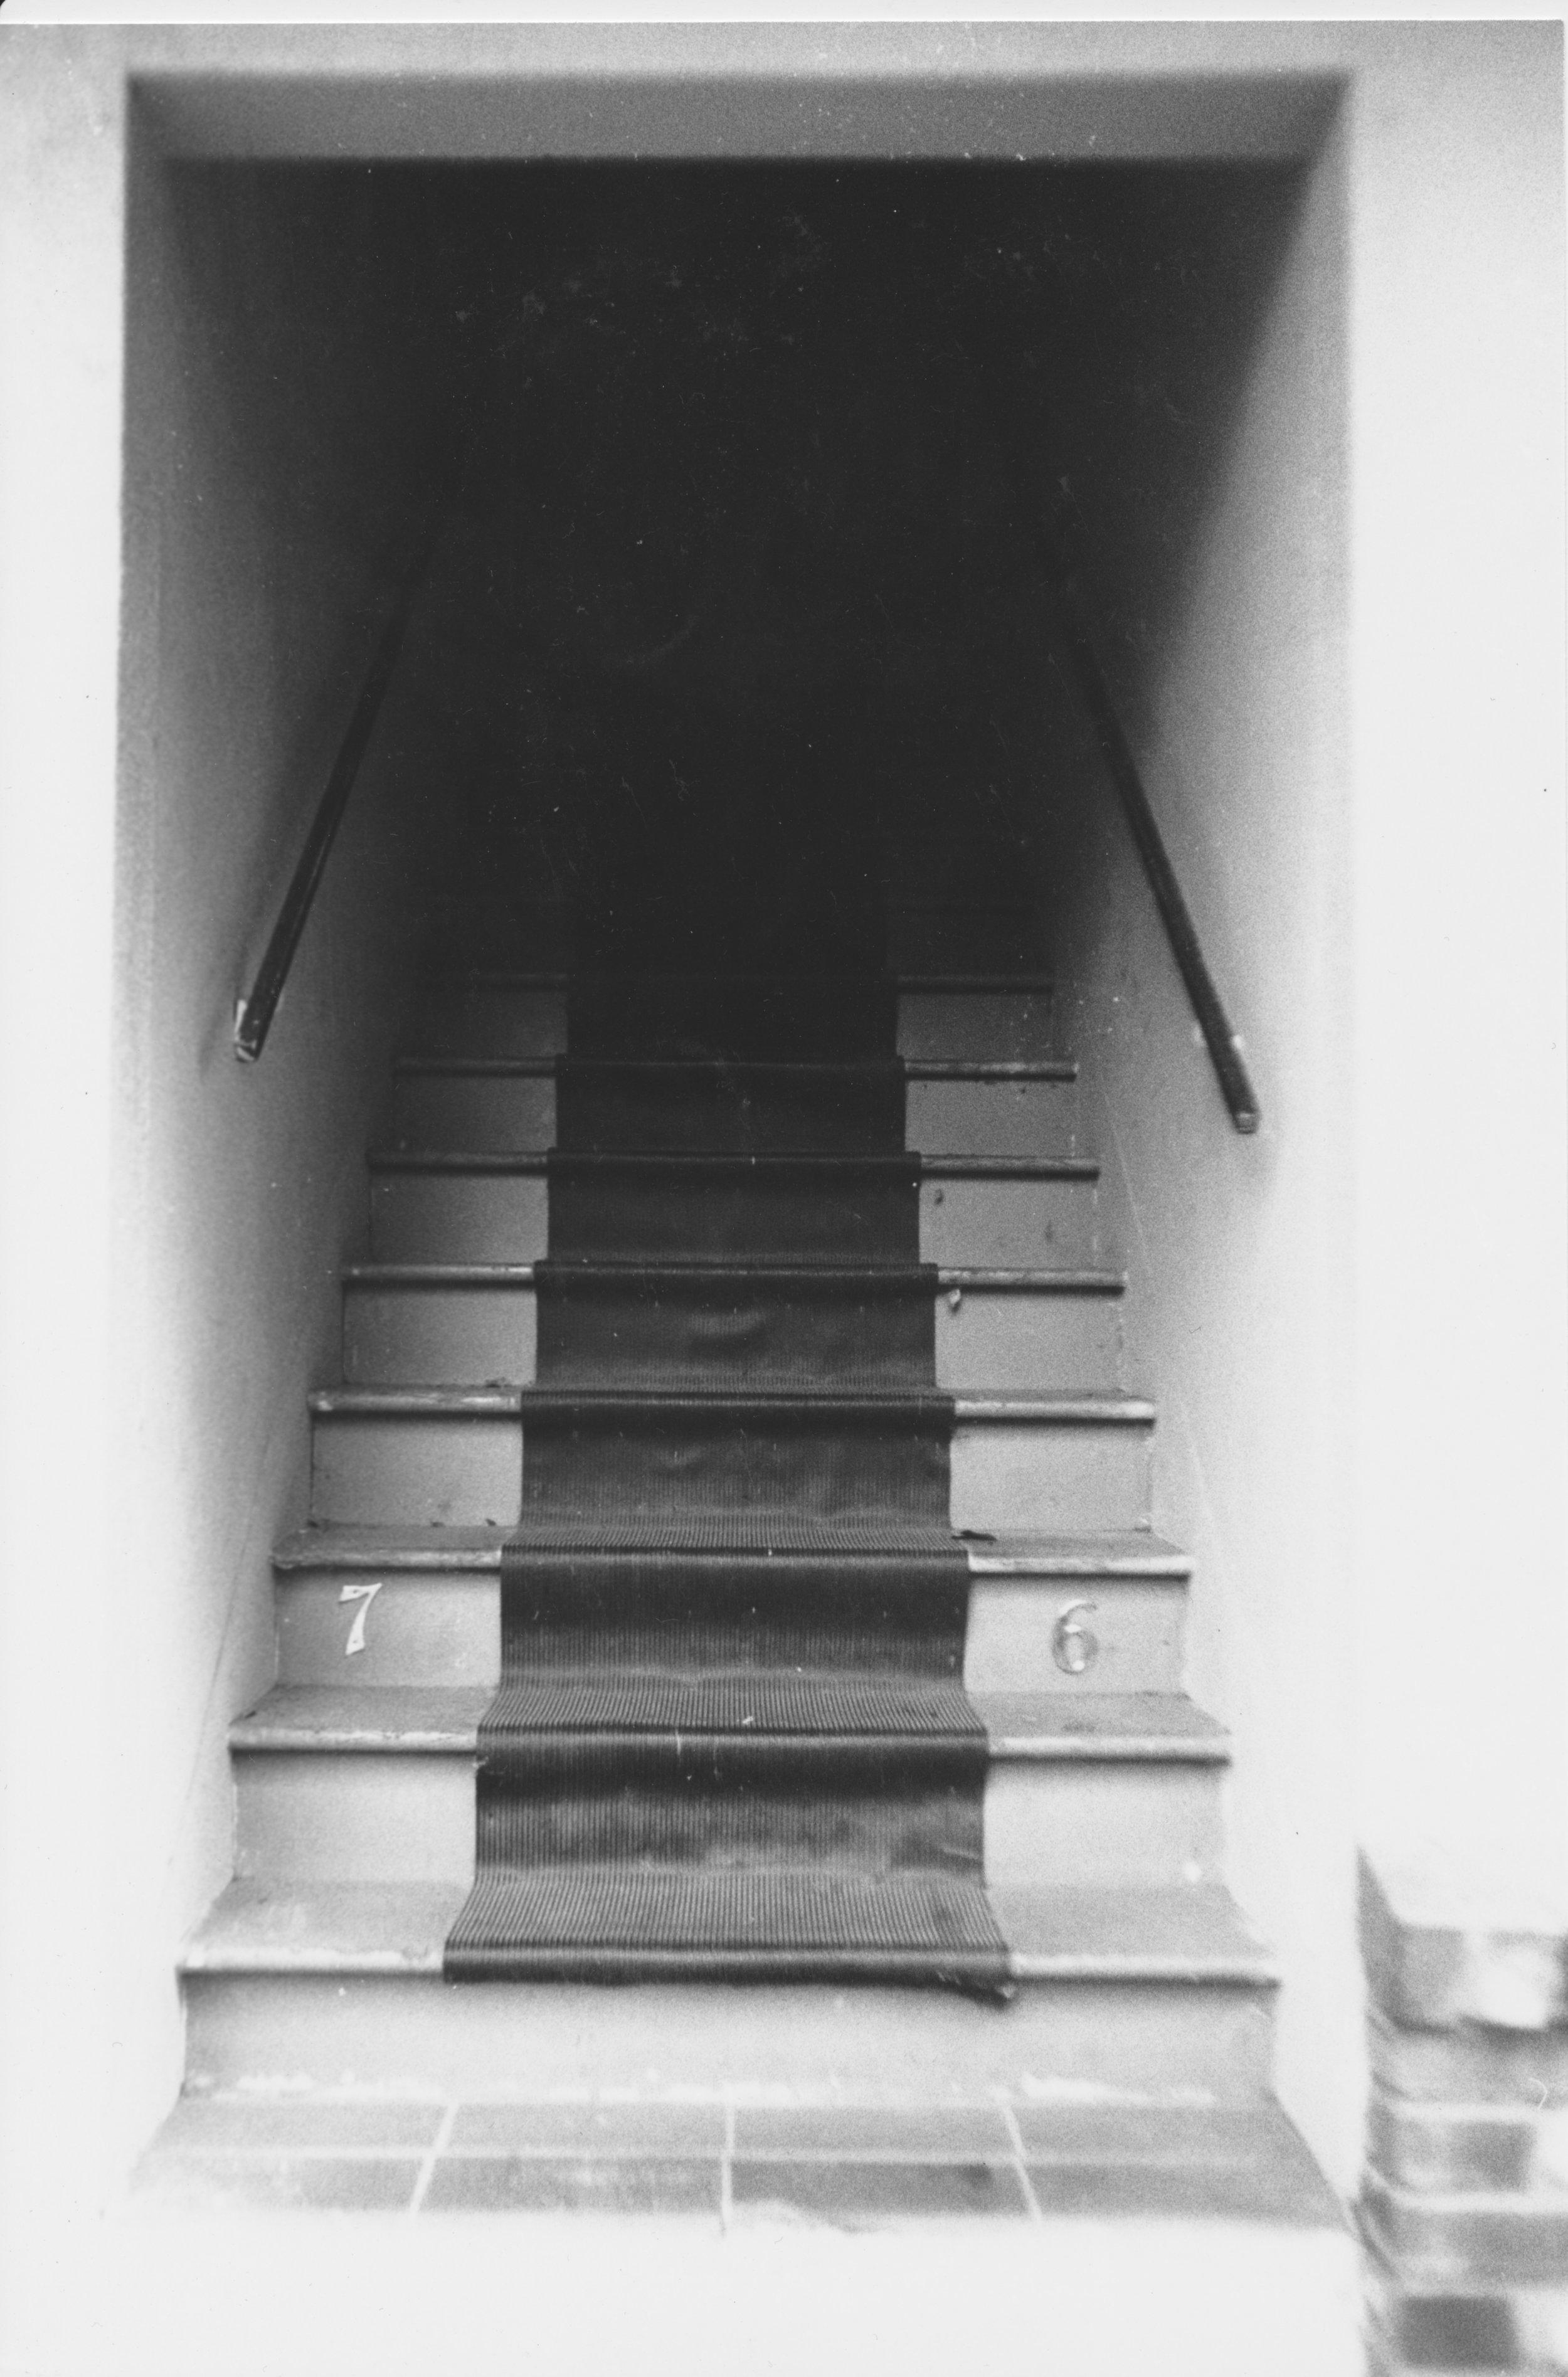 stairwell.jpeg